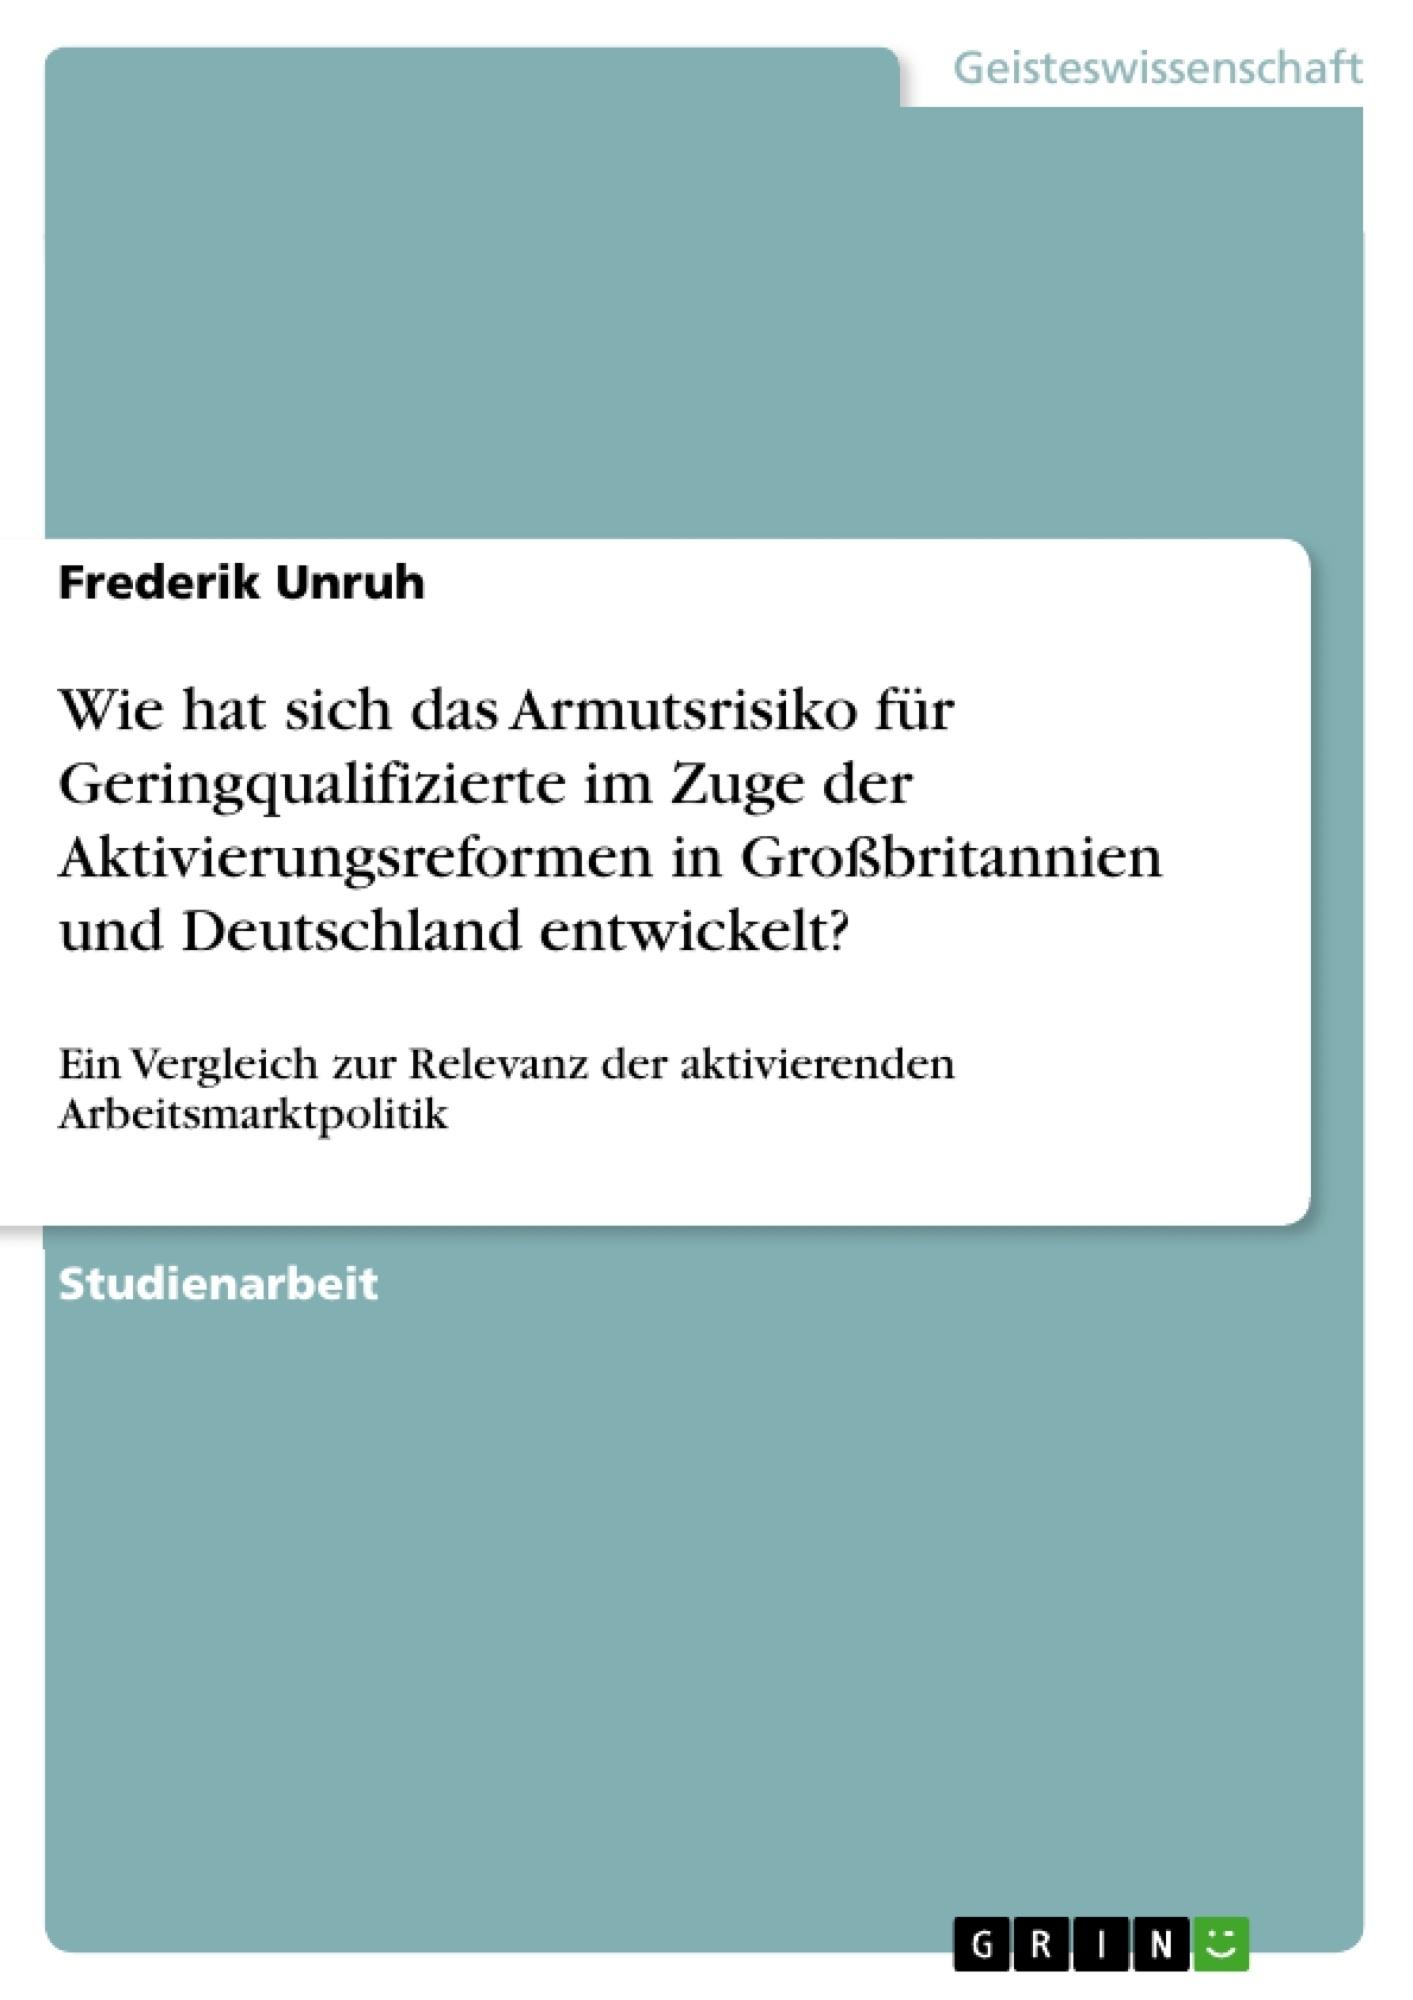 Titel: Wie hat sich das Armutsrisiko für Geringqualifizierte im Zuge der Aktivierungsreformen in Großbritannien und Deutschland entwickelt?